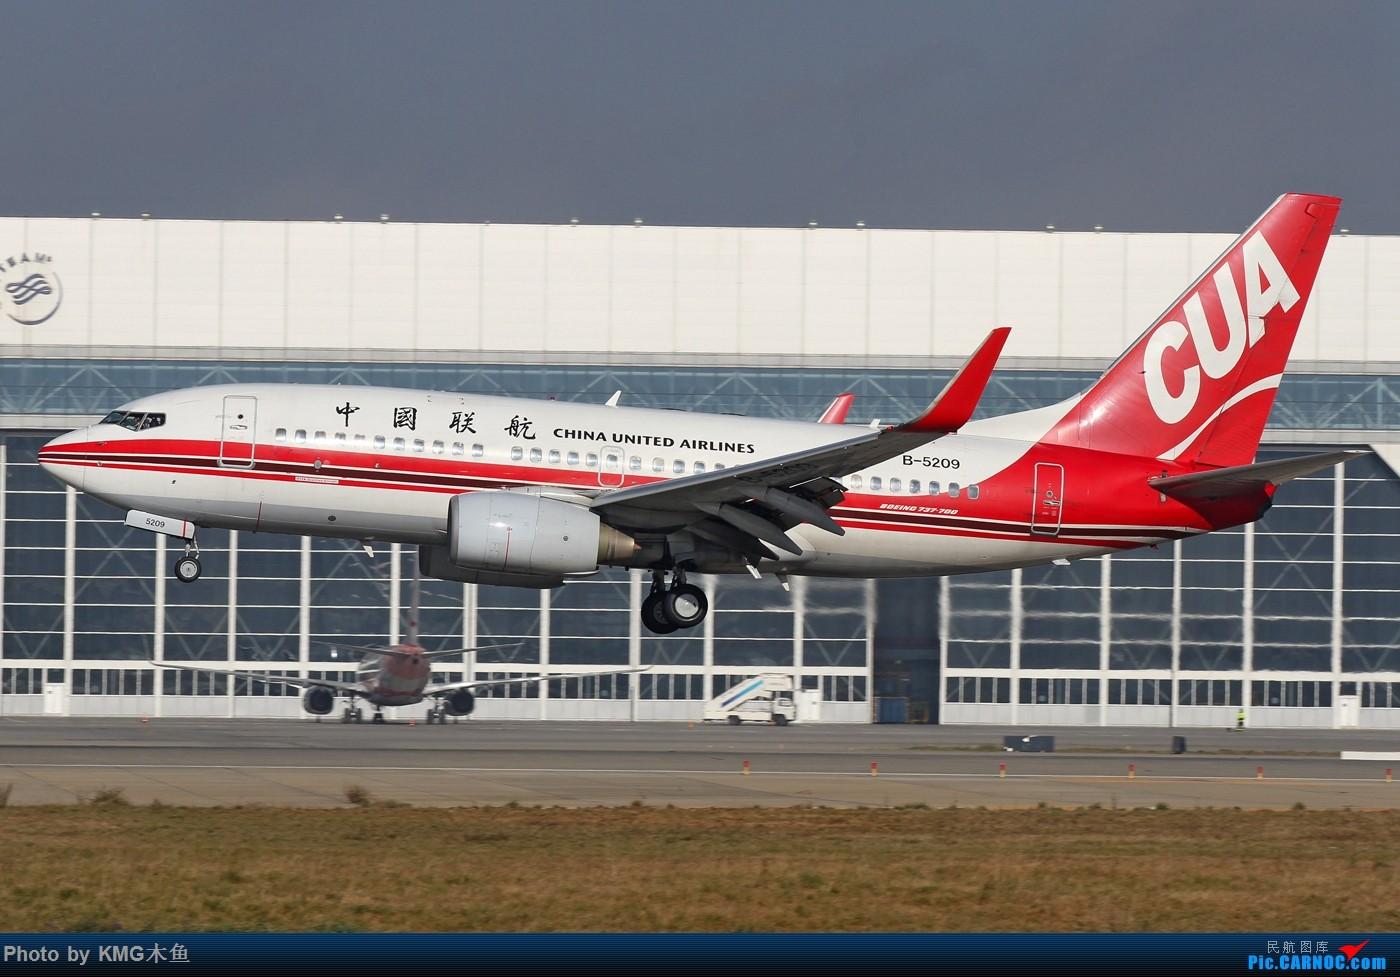 Re:[原创]【KMG昆明长水国际机场】好天气,拍到了好灰机,愉快的一天 BOEING 737-700 B-5209 中国昆明长水国际机场